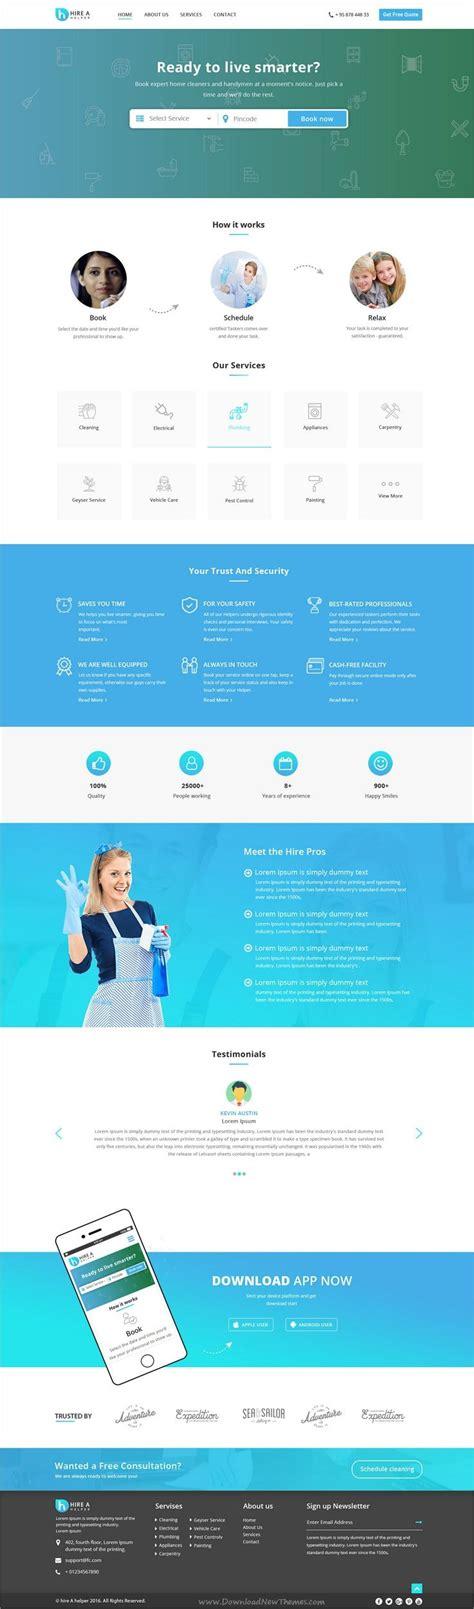 28 Best Site Images On Pinterest Website Designs Design Web And Design Websites Service Provider Website Templates